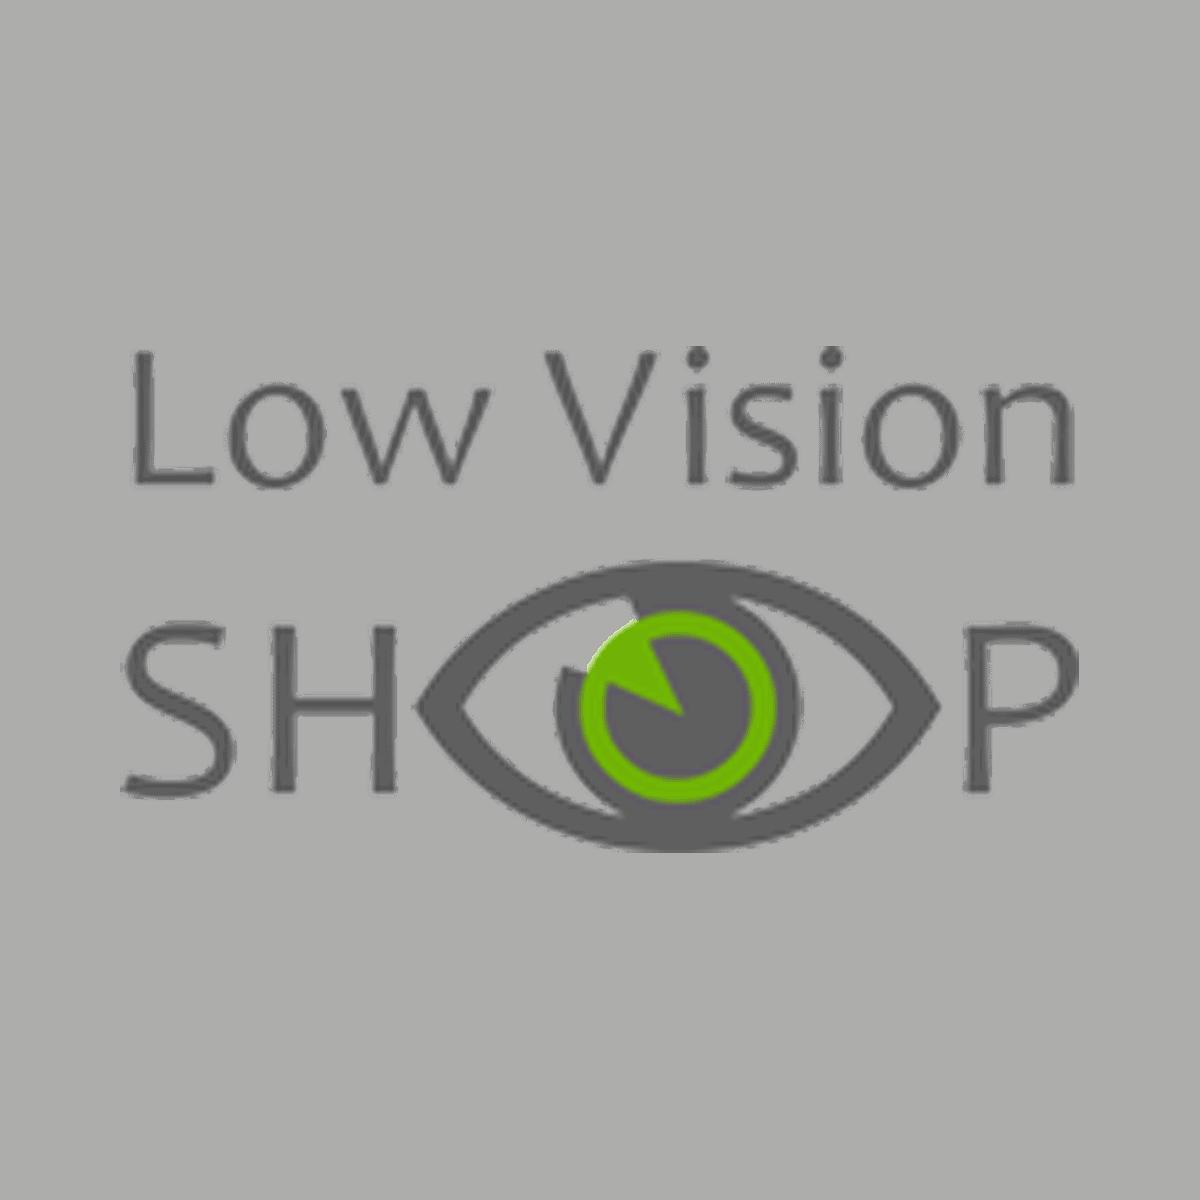 Low vision Shop